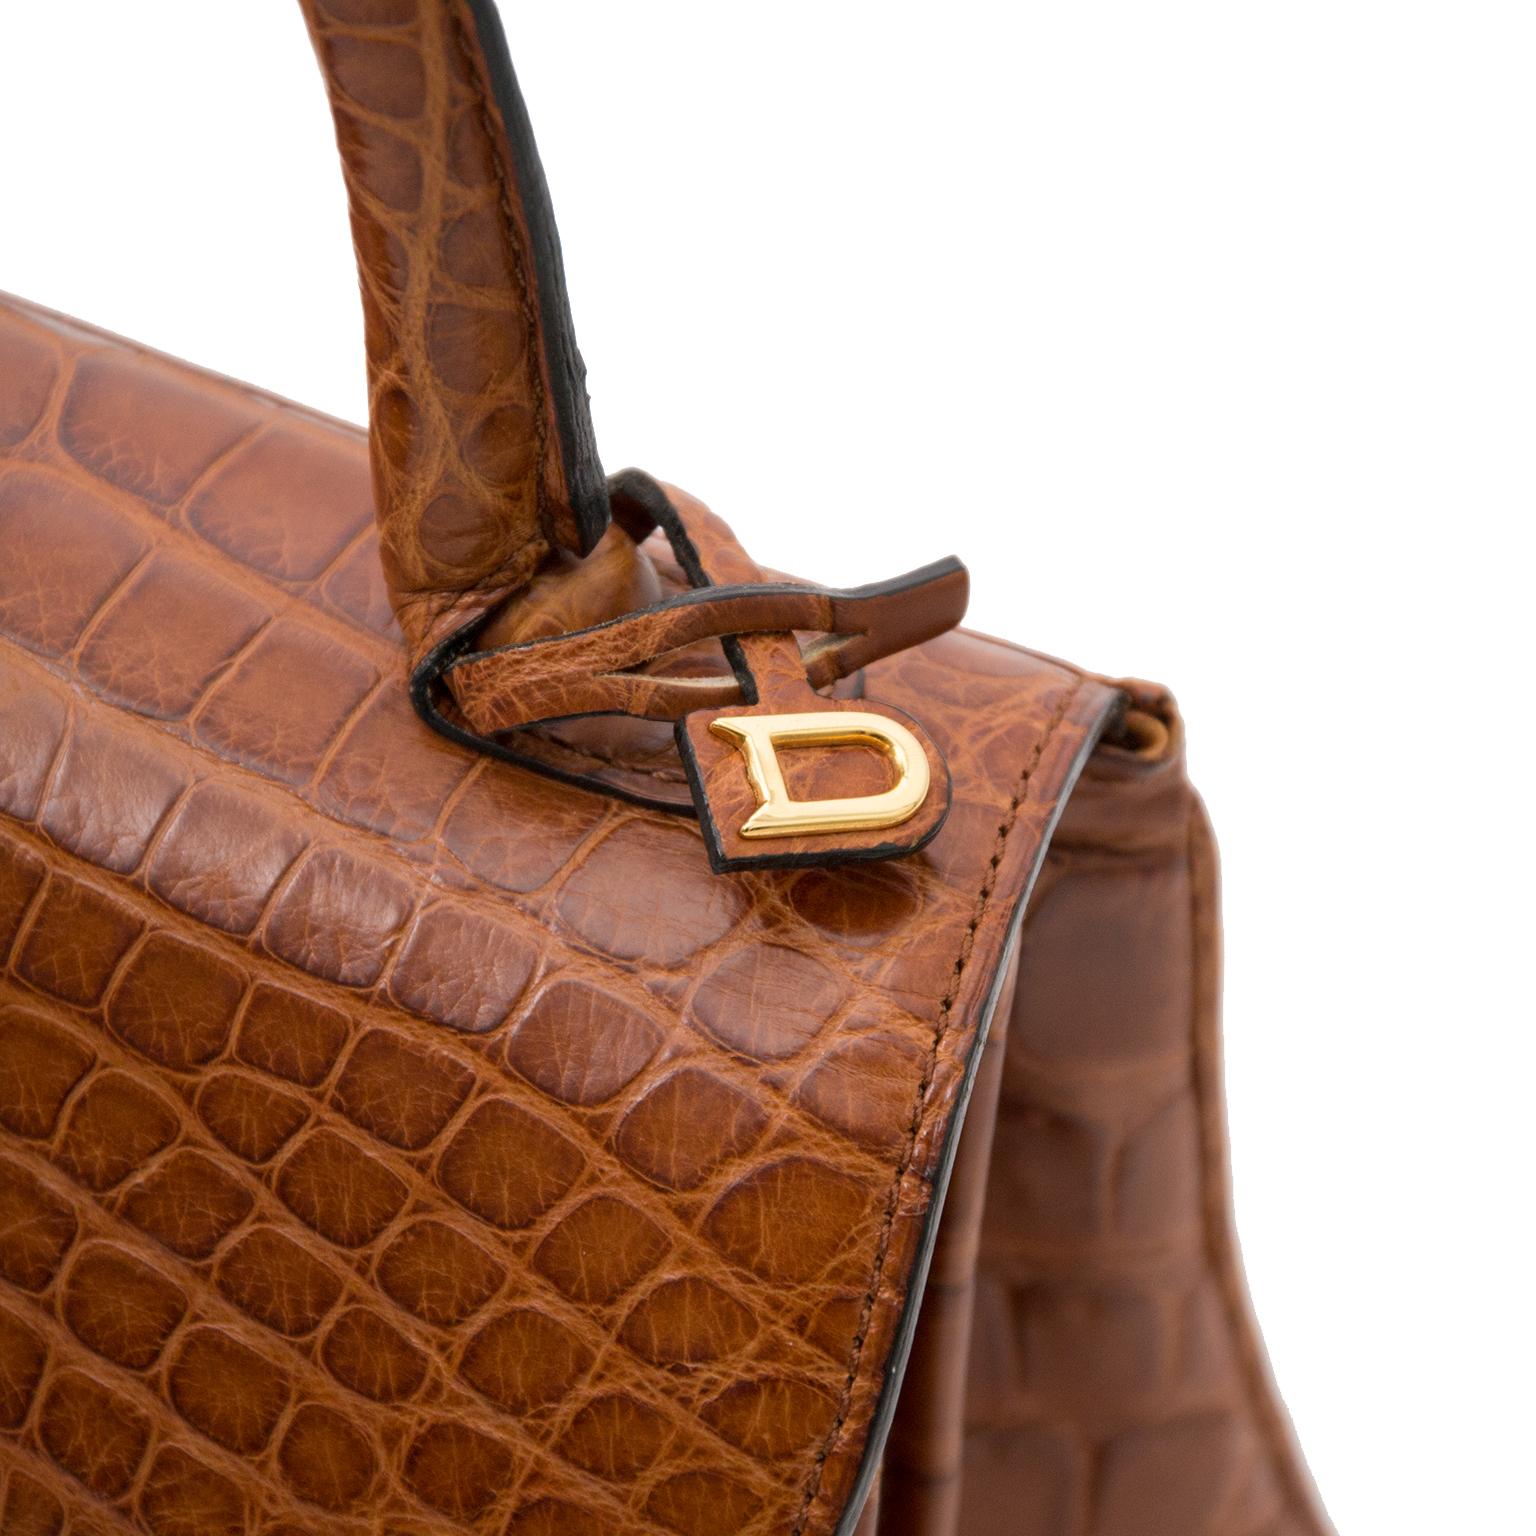 Op zoek naar een As New Delvaux Brillant Croco matte Miel PM? Koop veilig en gemakkelijk aan de beste prijs.